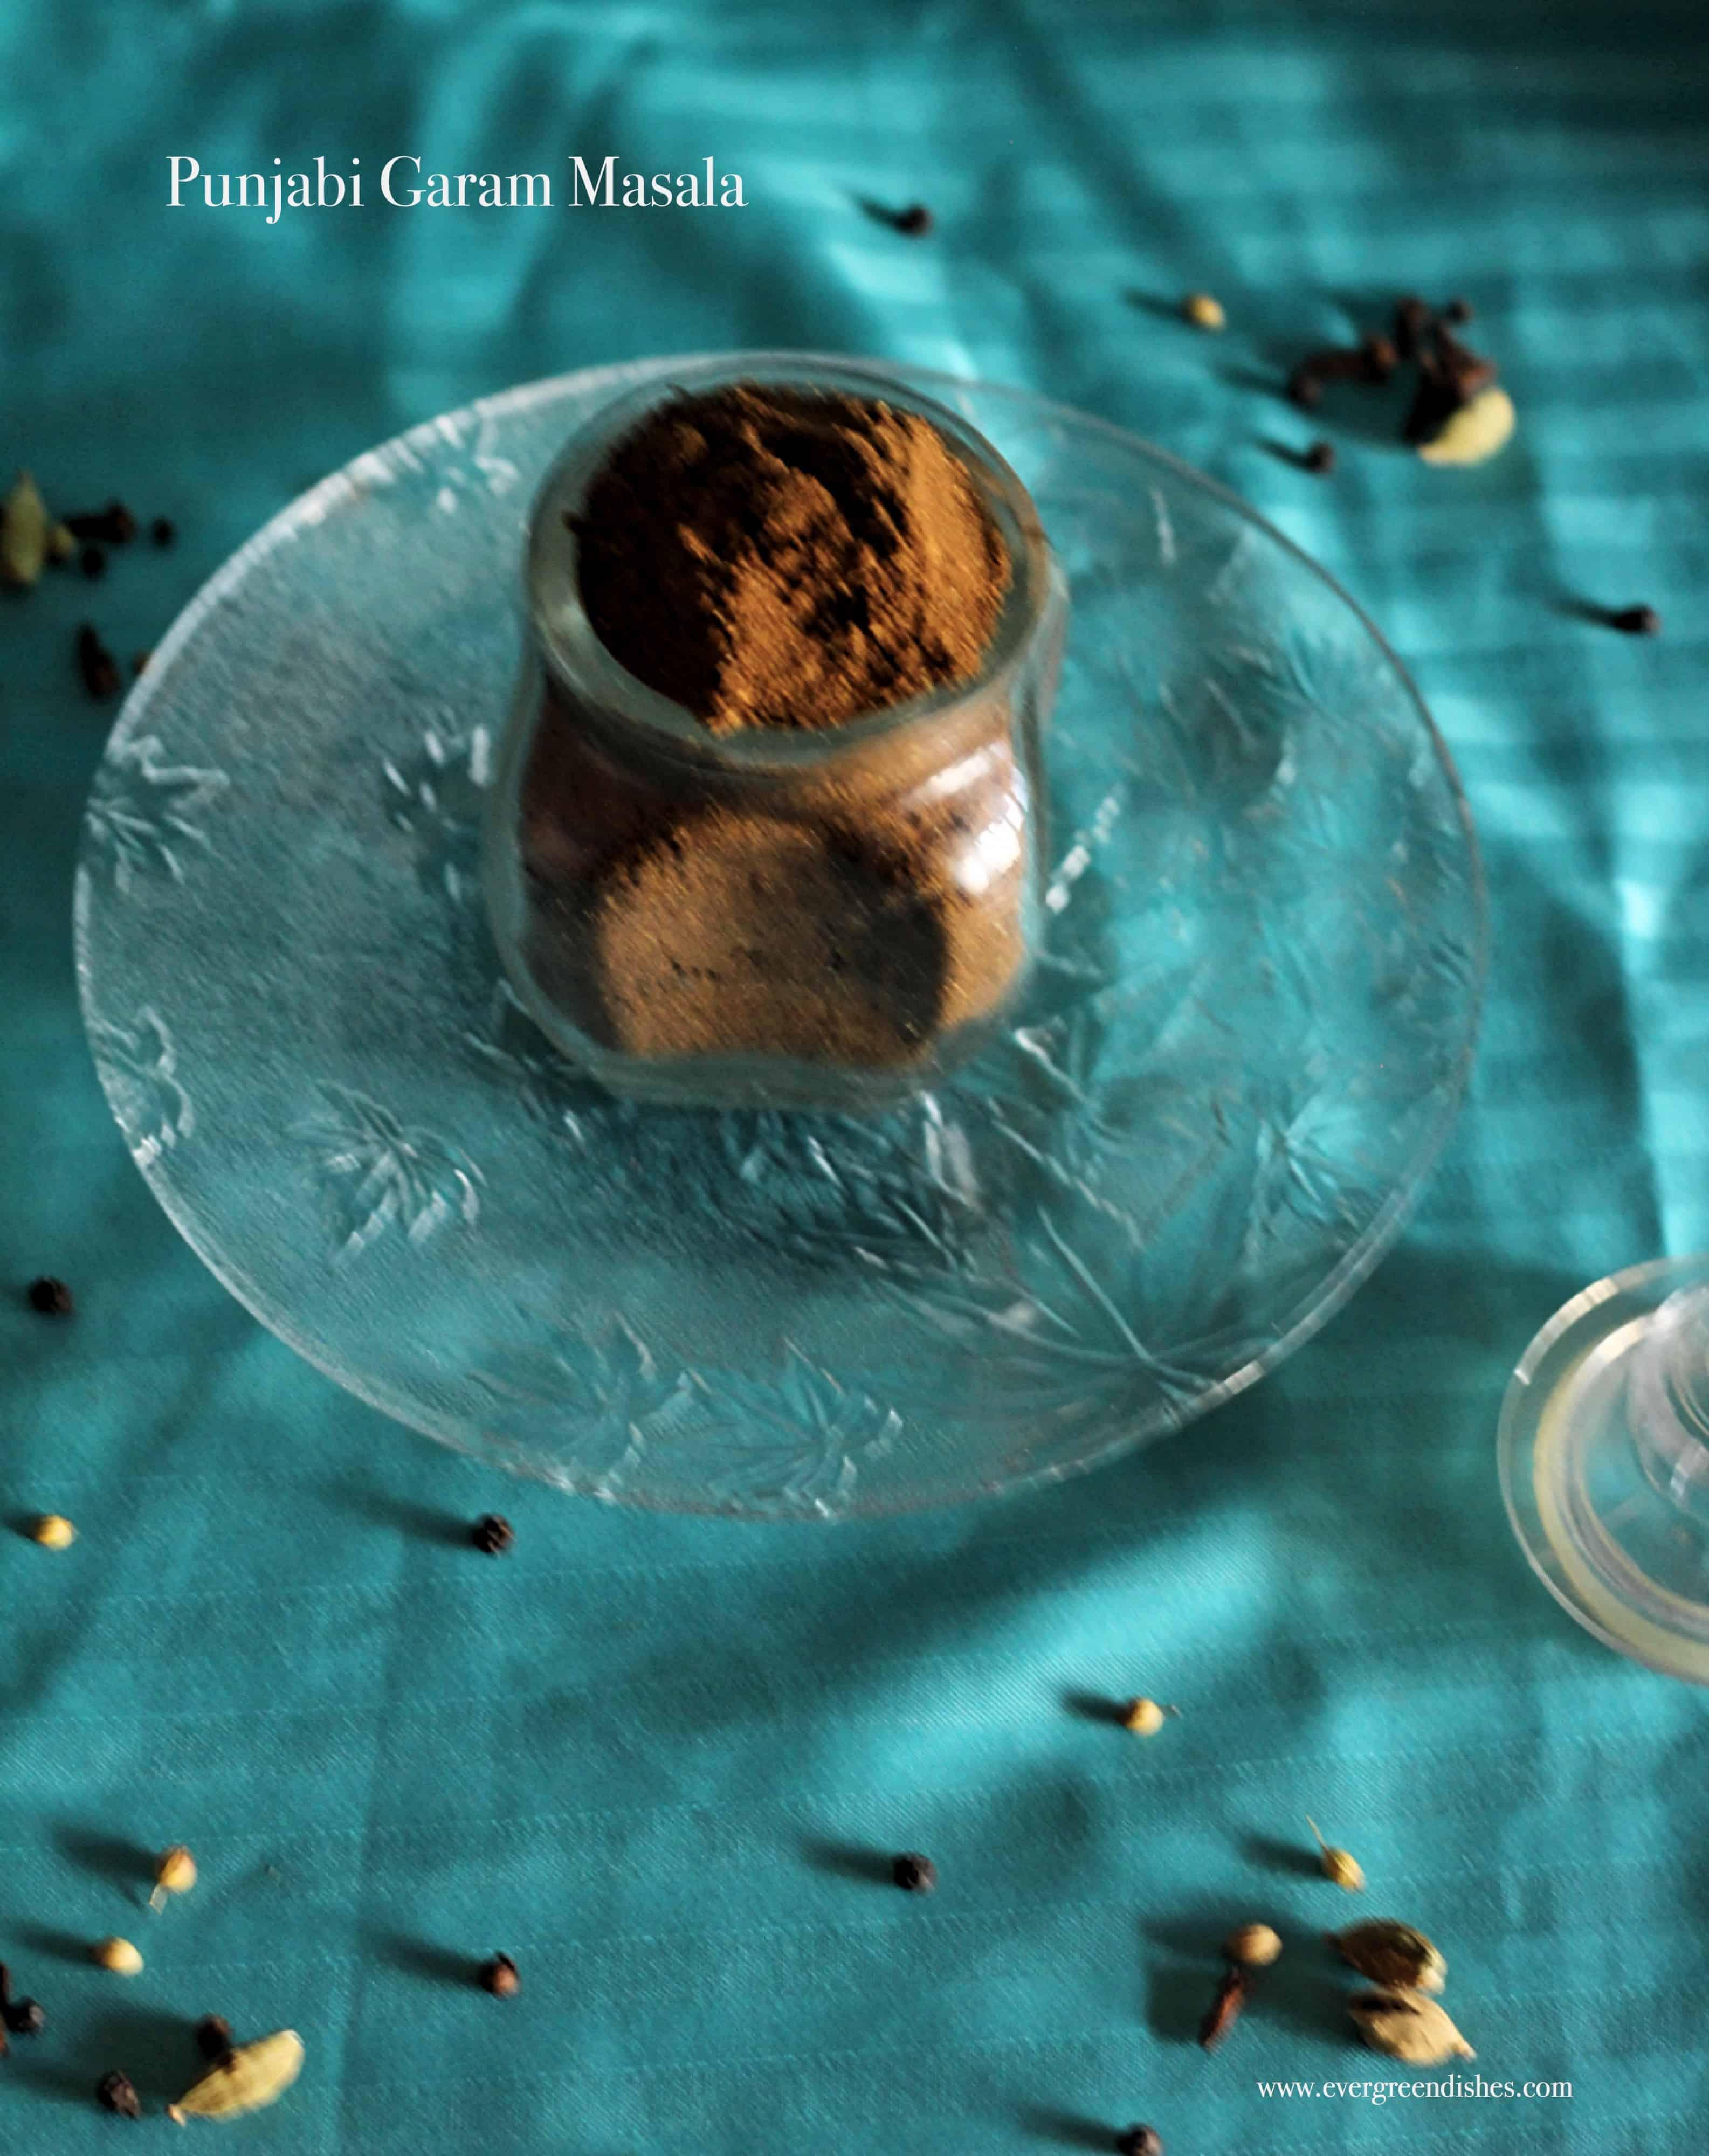 punjabi garam masala